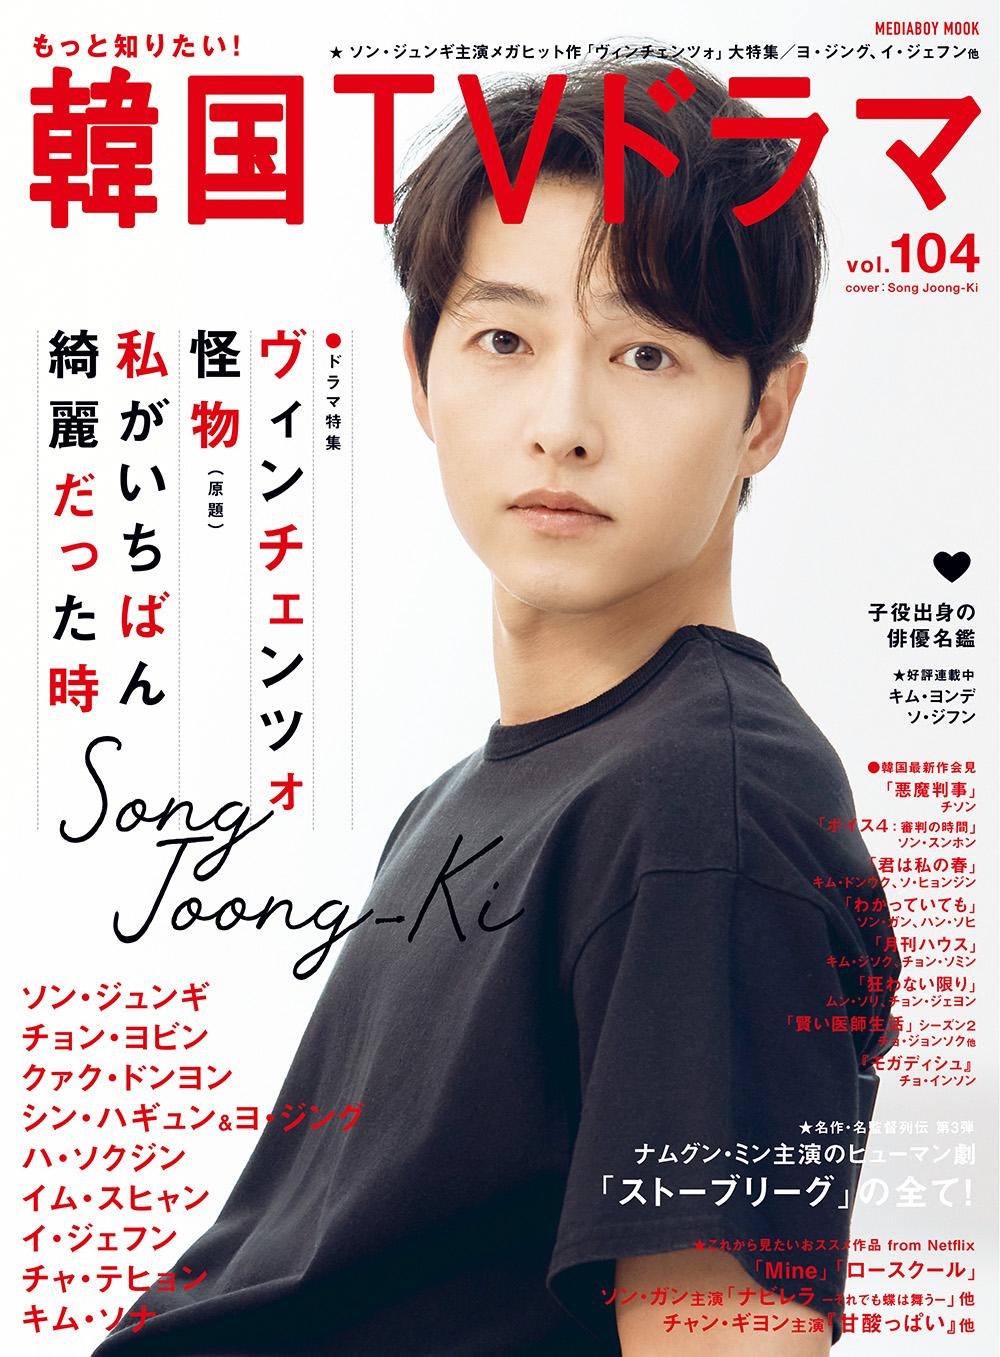 『もっと知りたい! 韓国TVドラマ vol.104』表紙画像